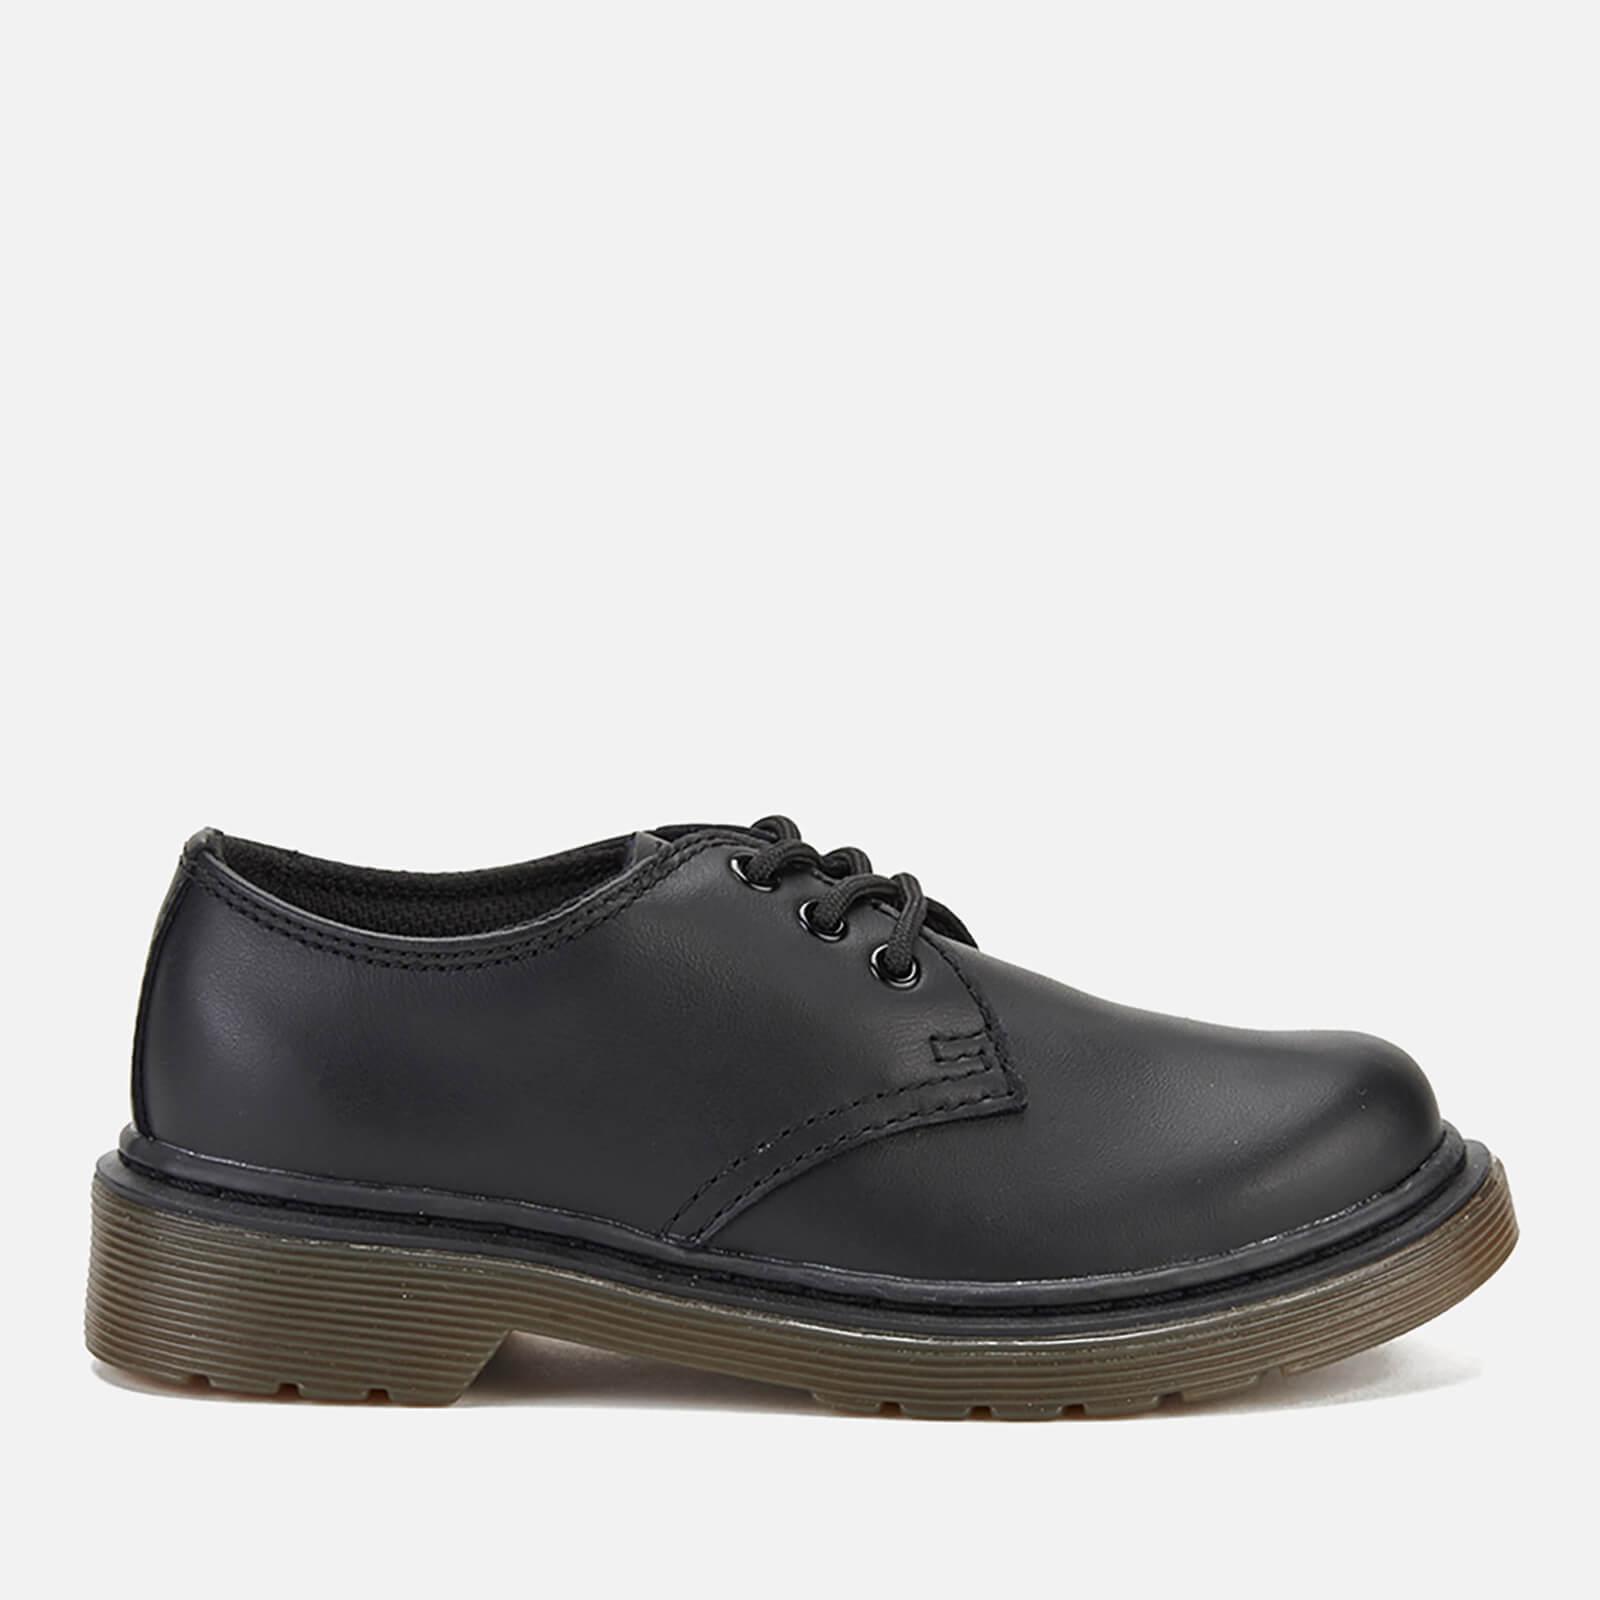 Dr. Martens Kids' Everley Leather 3-Eye Shoes - Black - UK 12 Kids - Black